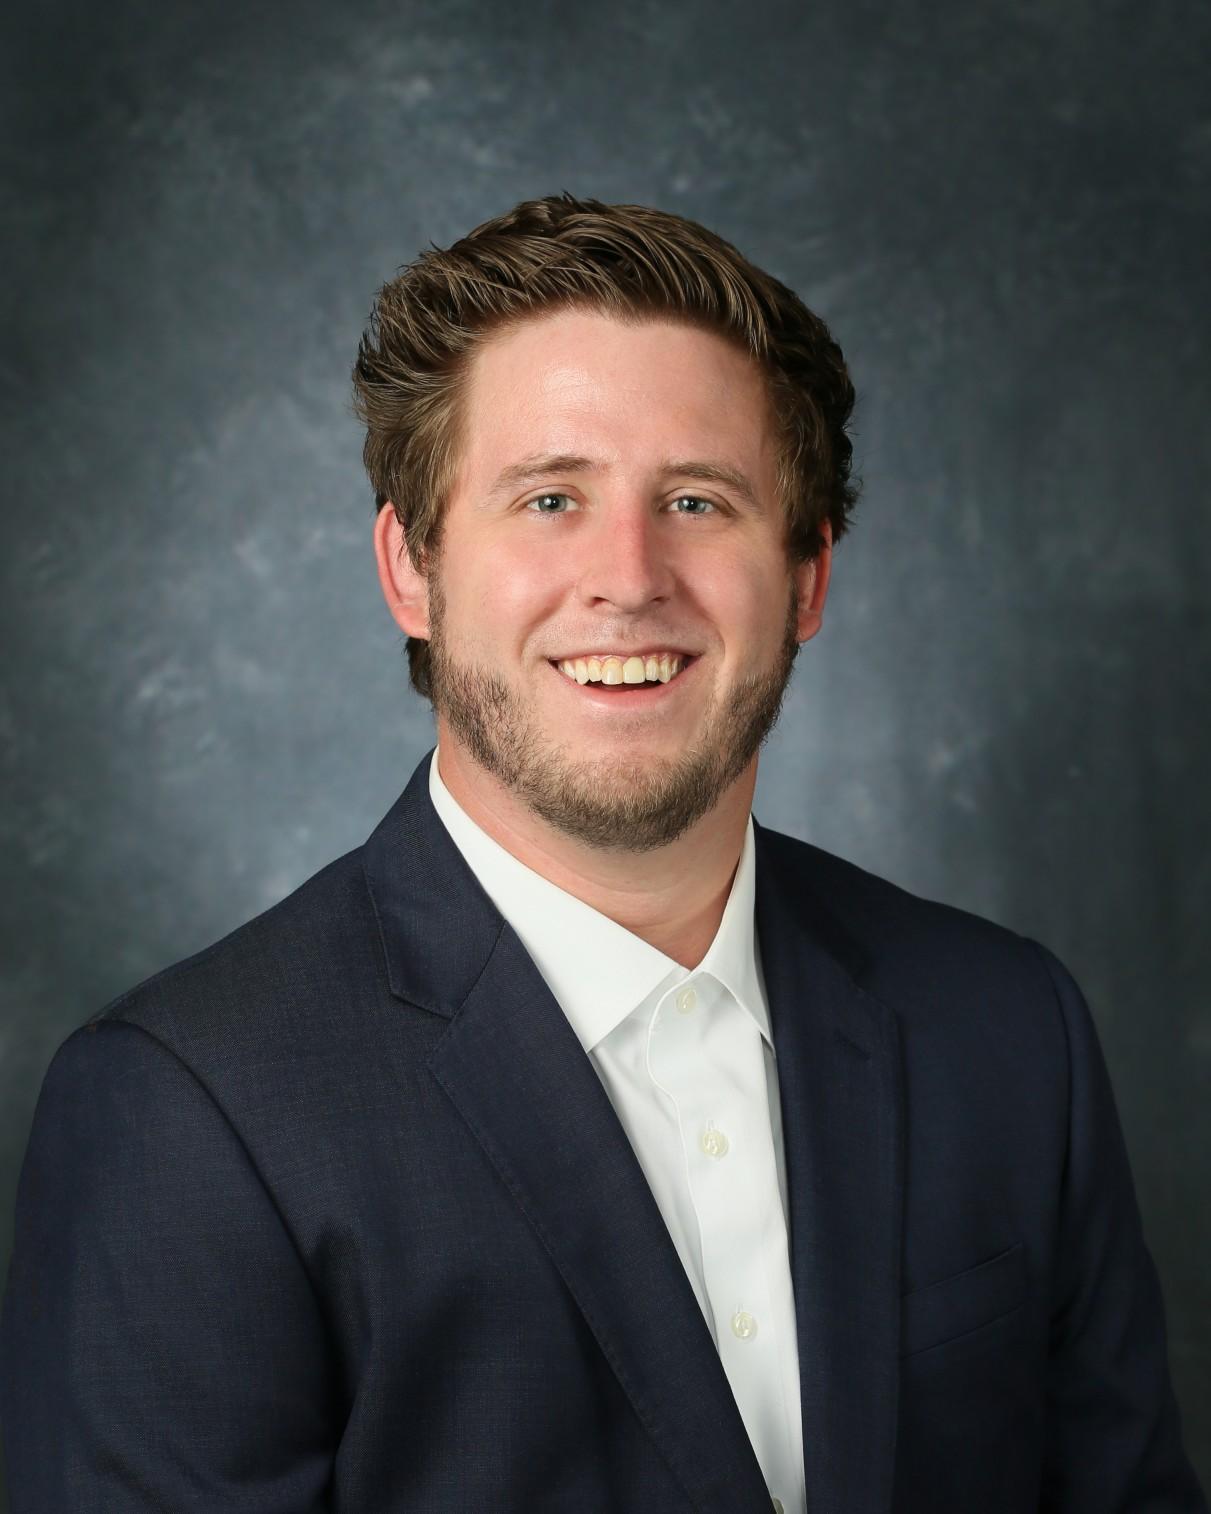 Matt Newman